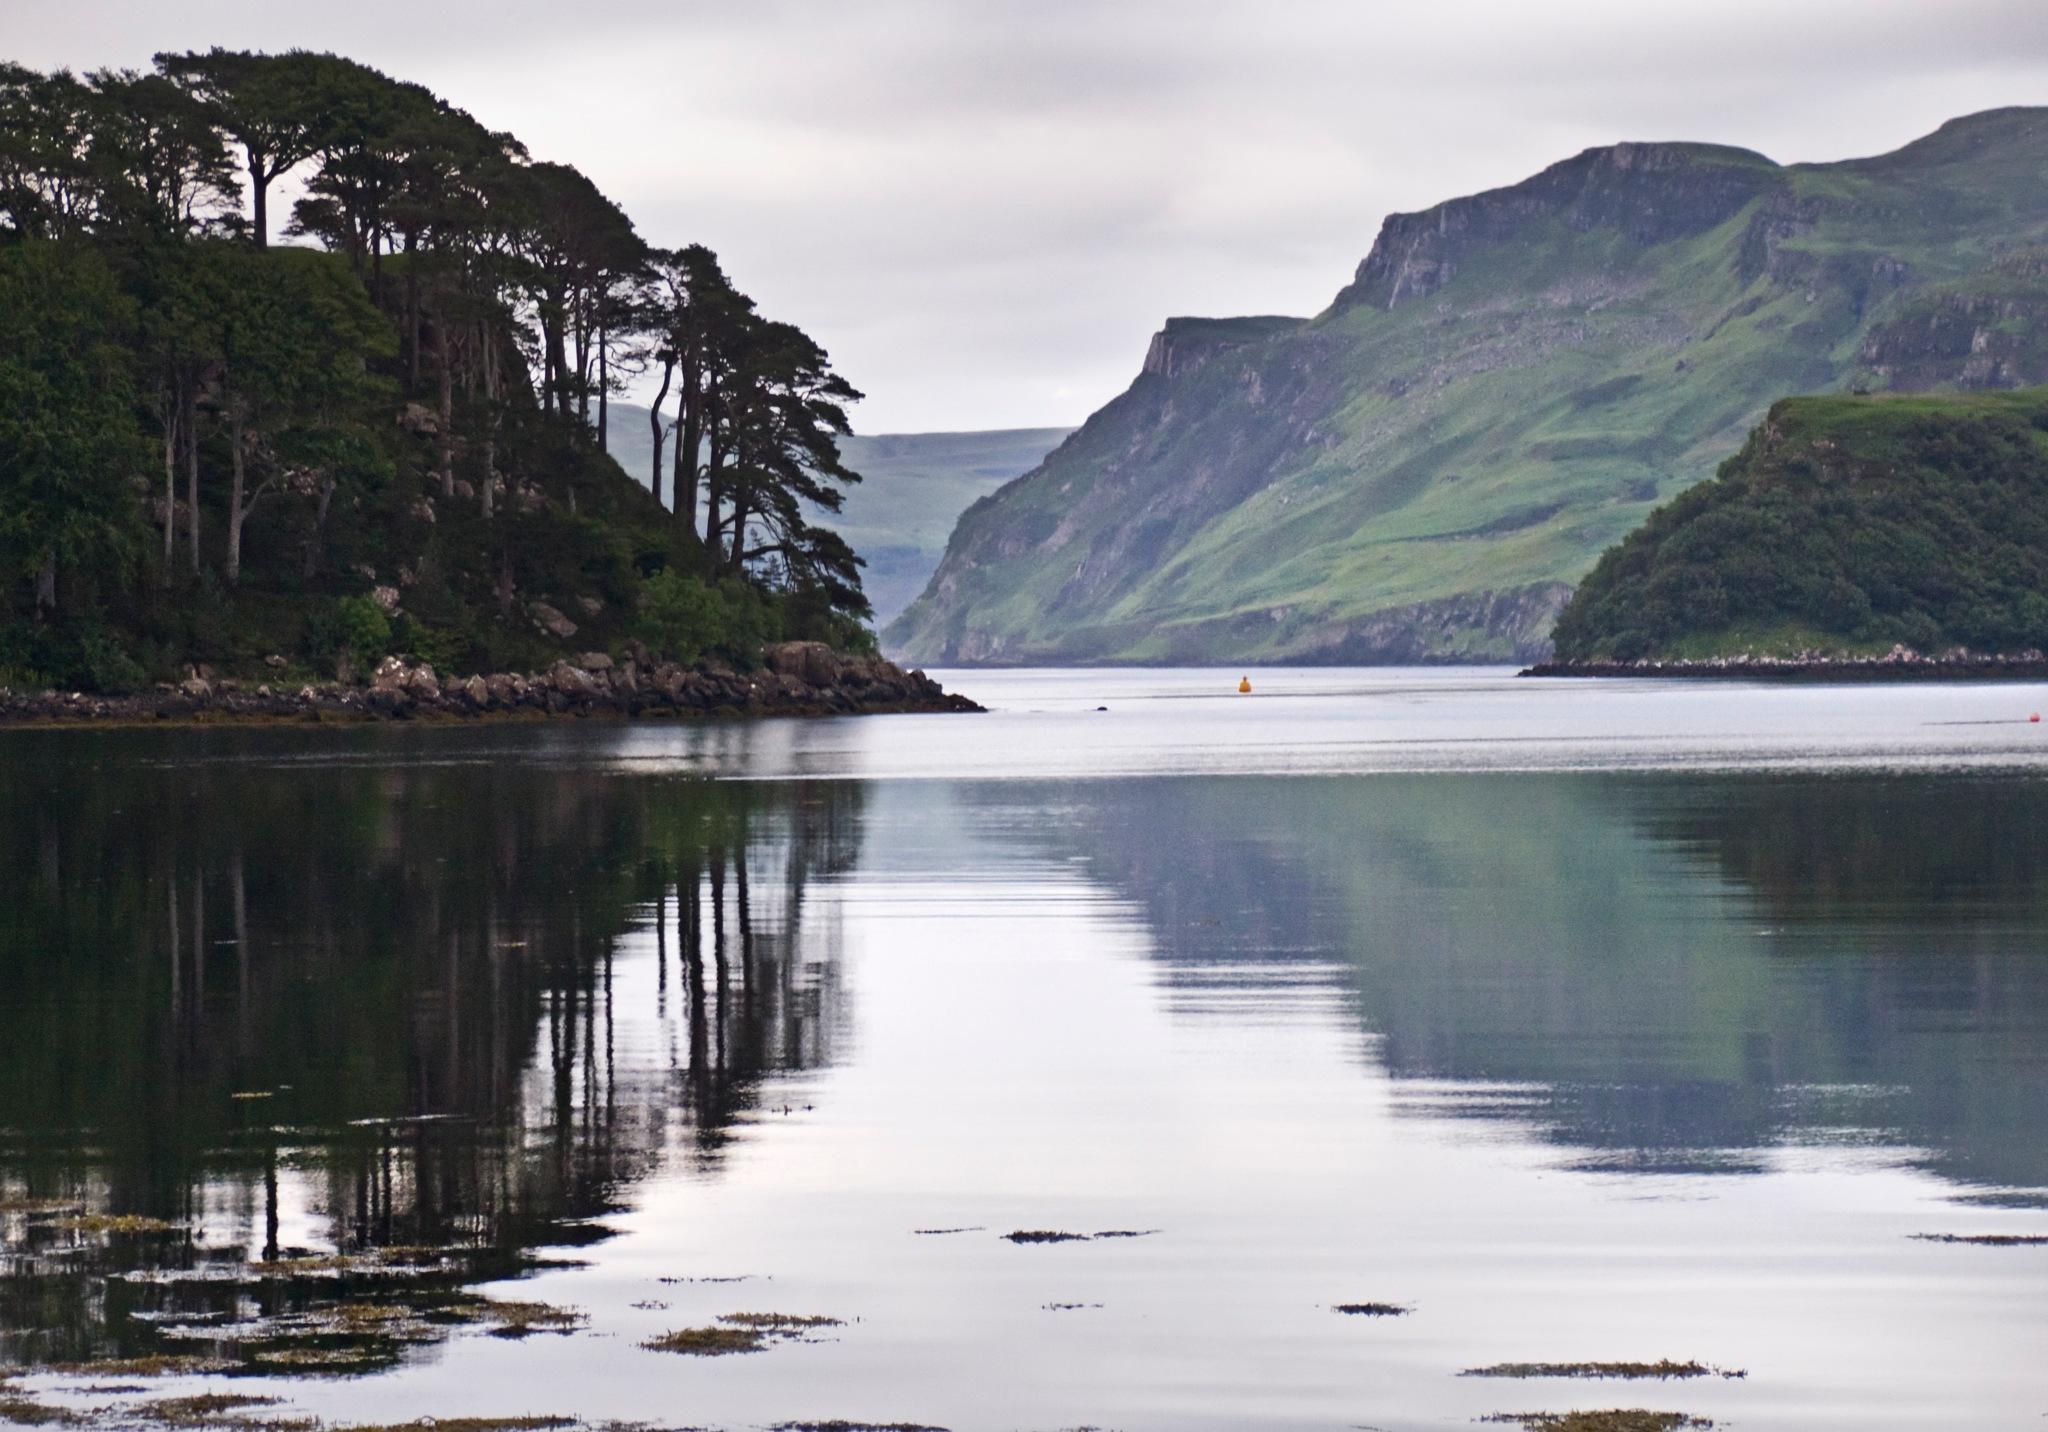 Portree Harbor, Isle of Skye by Dan Cohen